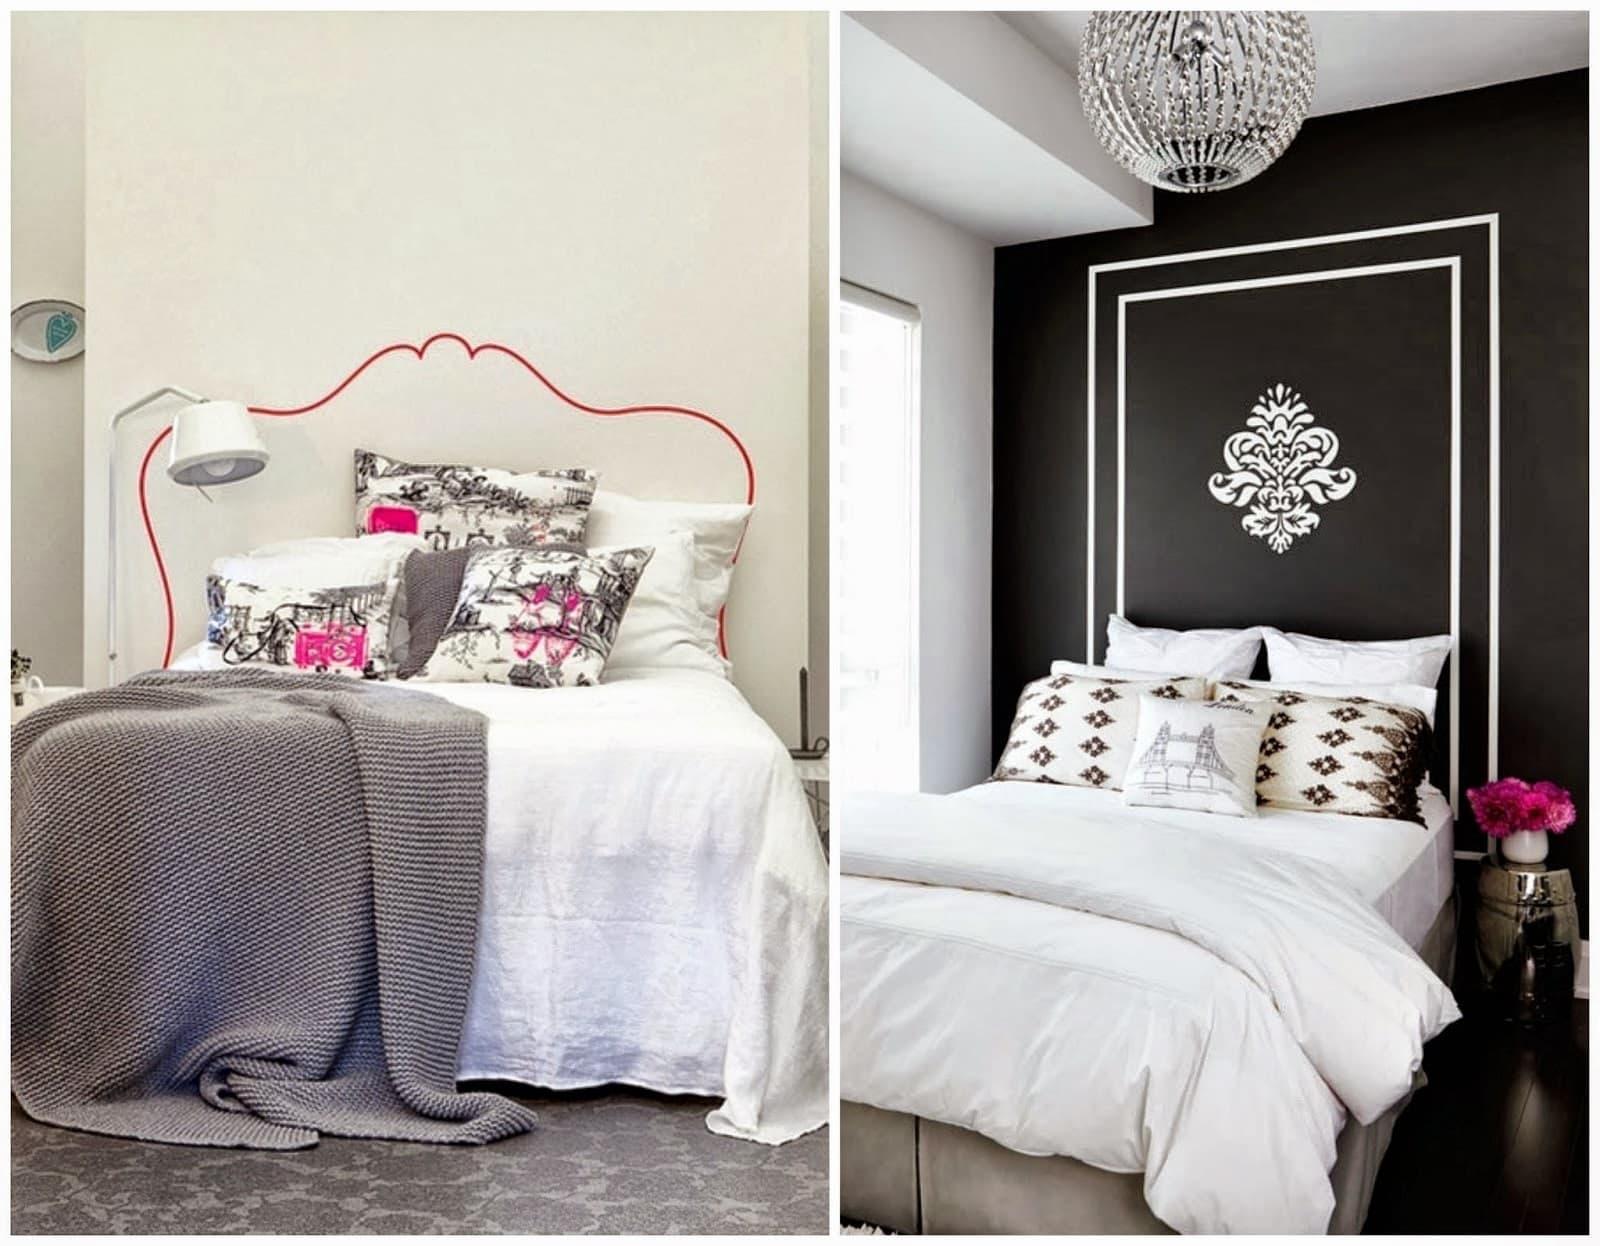 Cabeceros originales y baratos para dormitorios infantiles - Cabeceros de cama originales ...